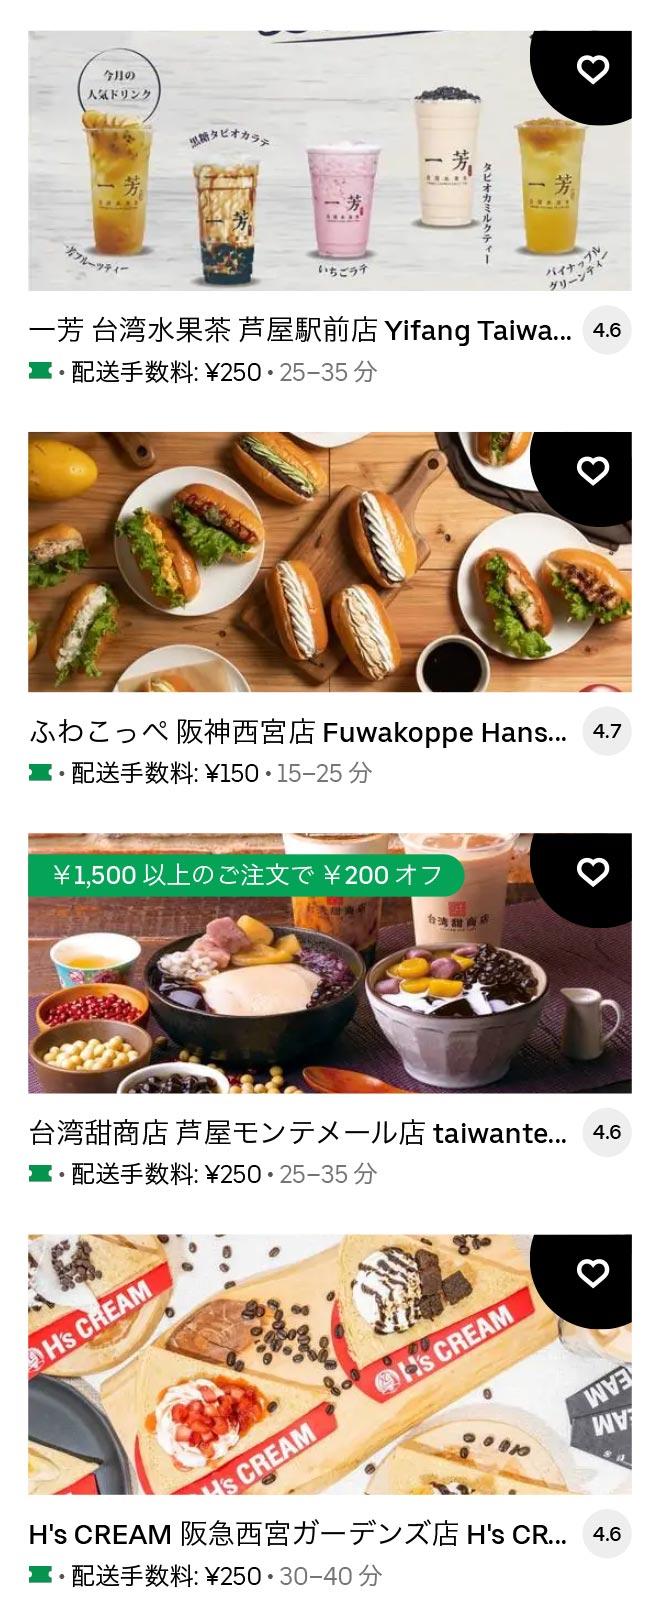 U nishinomiya 2105 10